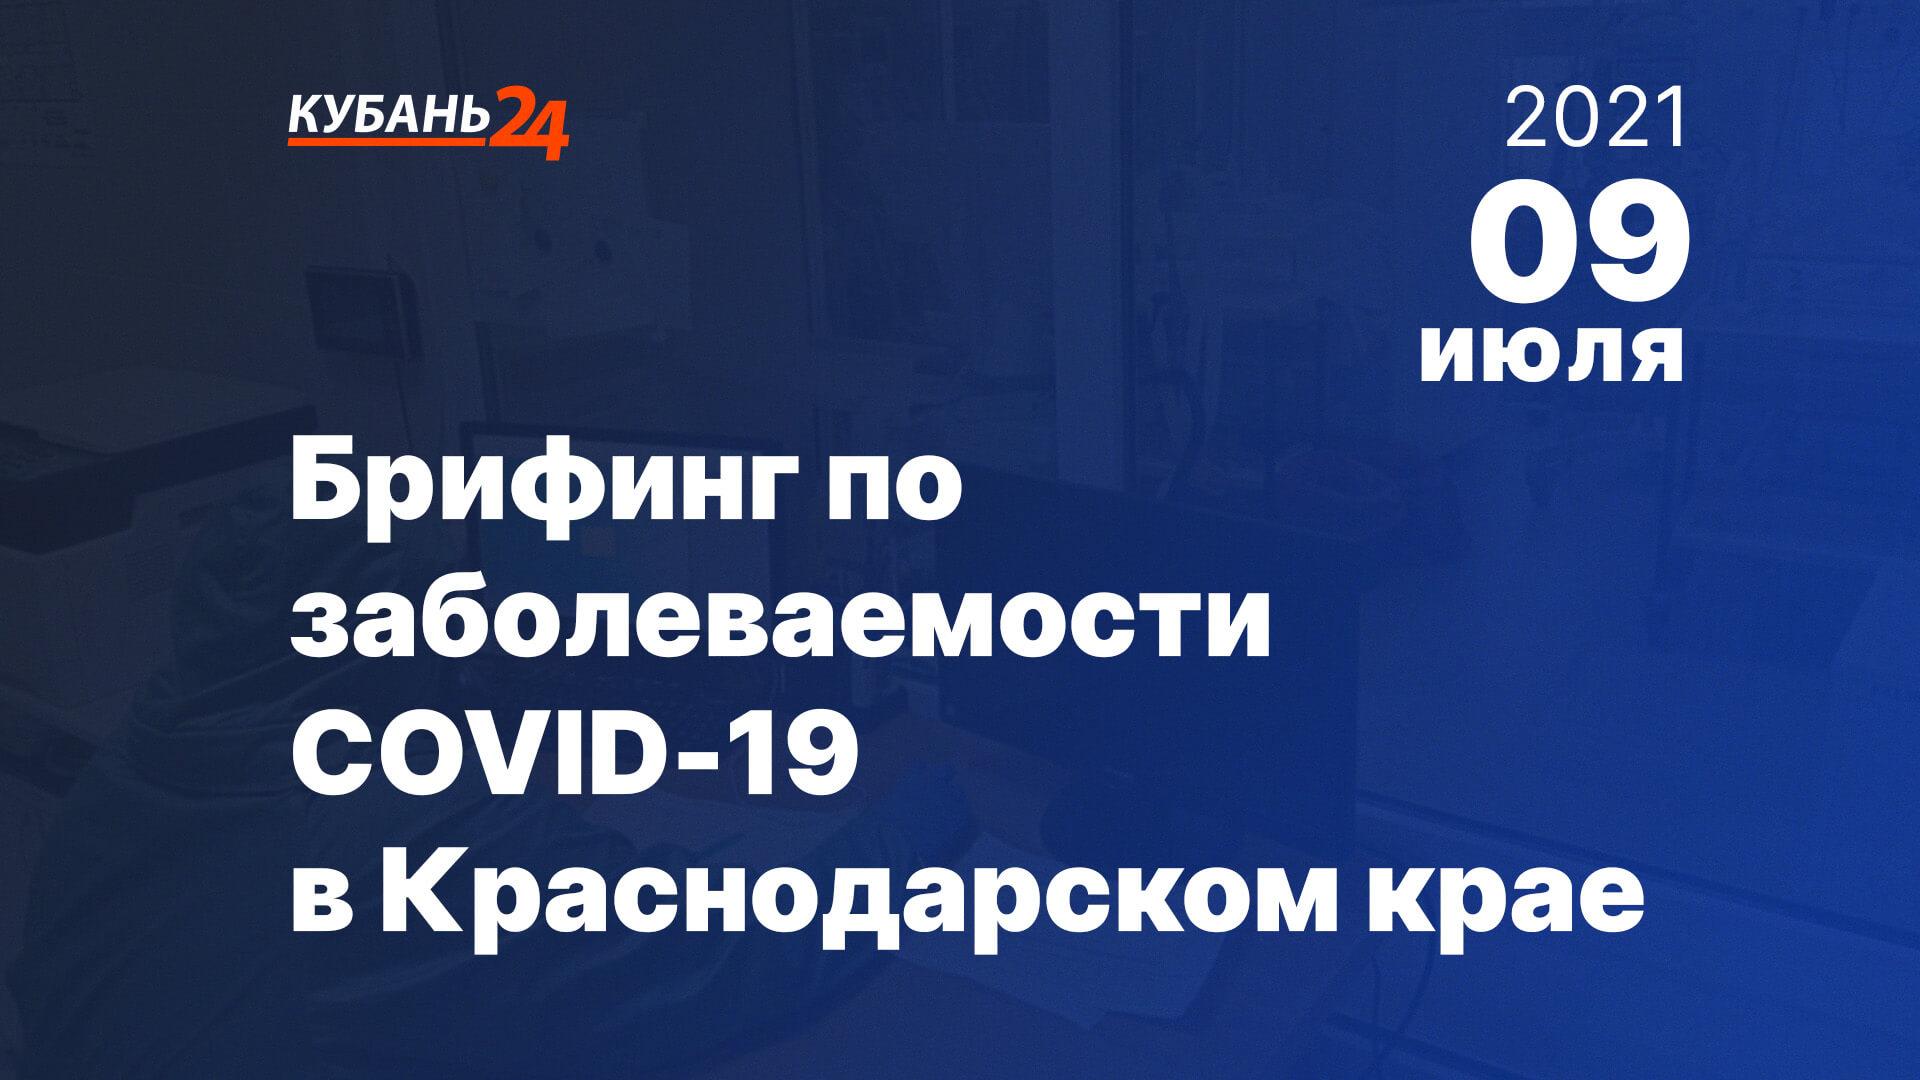 Брифинг по заболеваемости COVID-19 на Кубани пройдет 9 июля